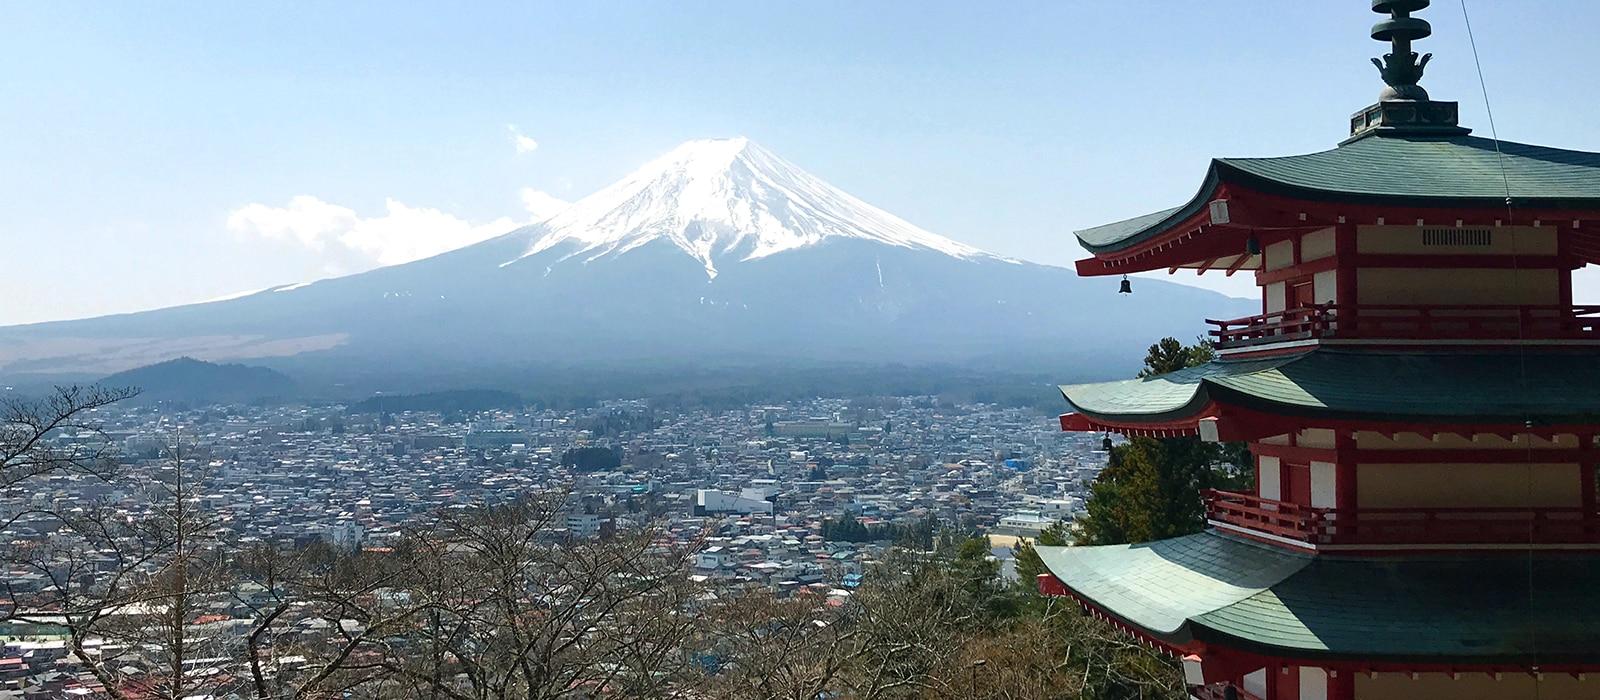 Voyage organisé en petit groupe - Mont Fuji - Japon - Agence de voyage Les Routes du Monde